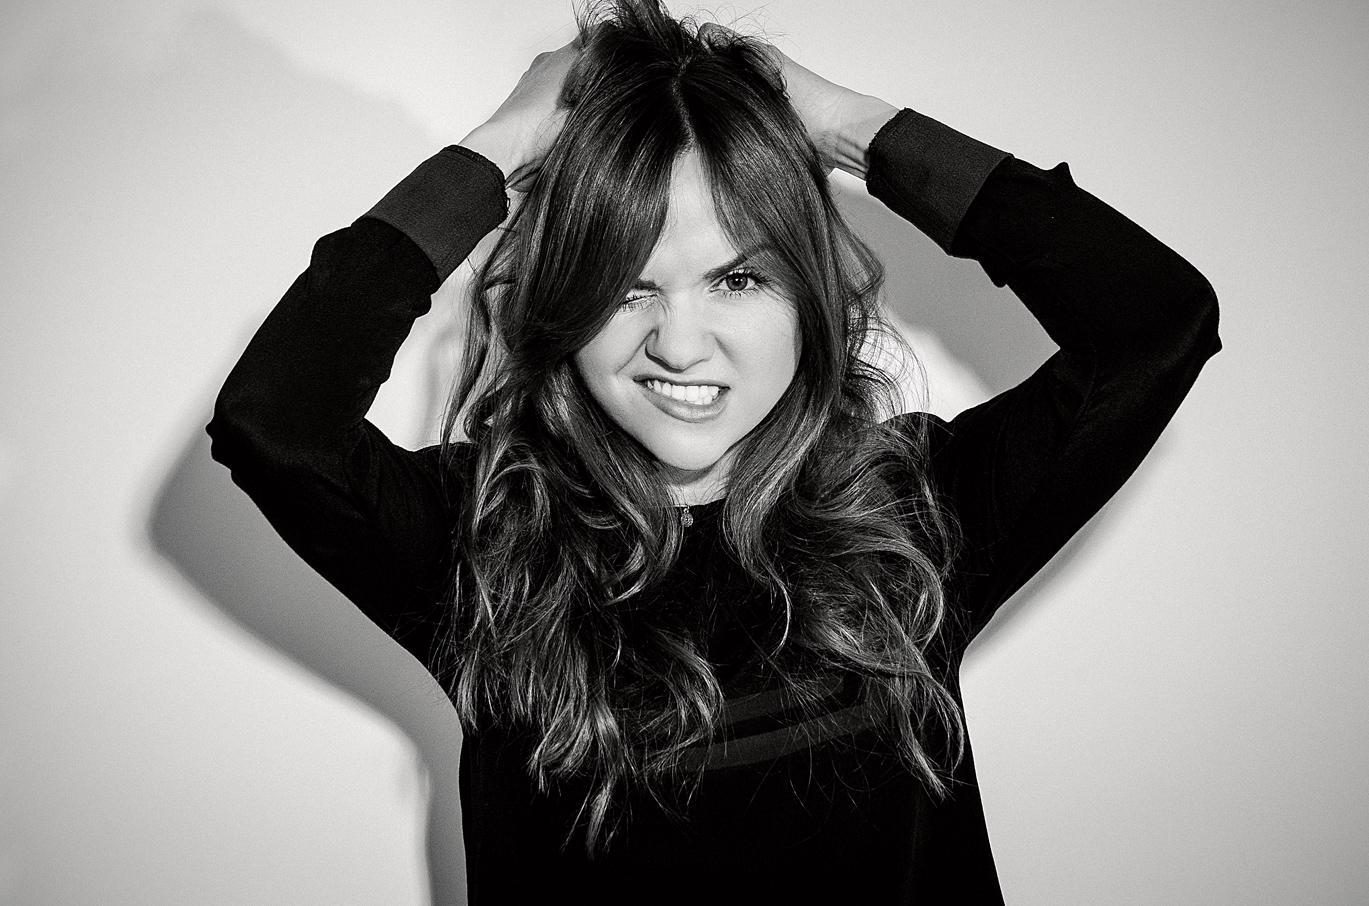 Tara Lynne Barr : Issue Magazine